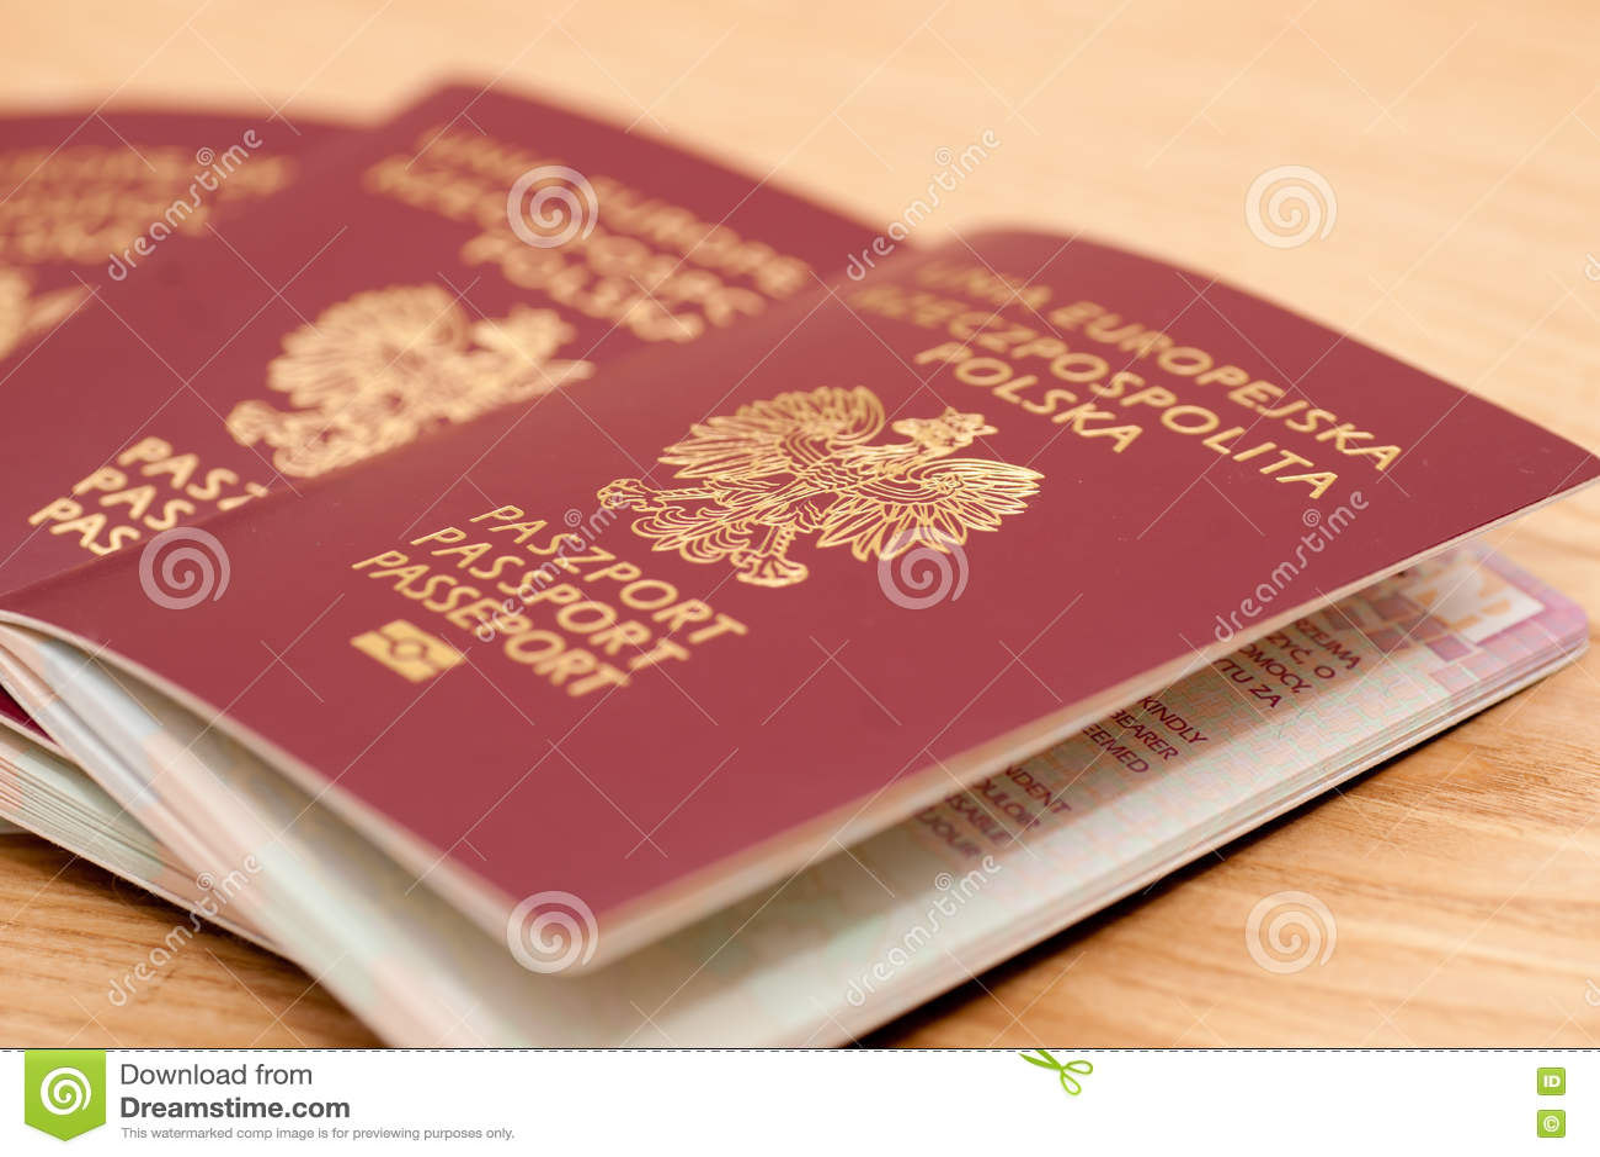 Passeports polonais